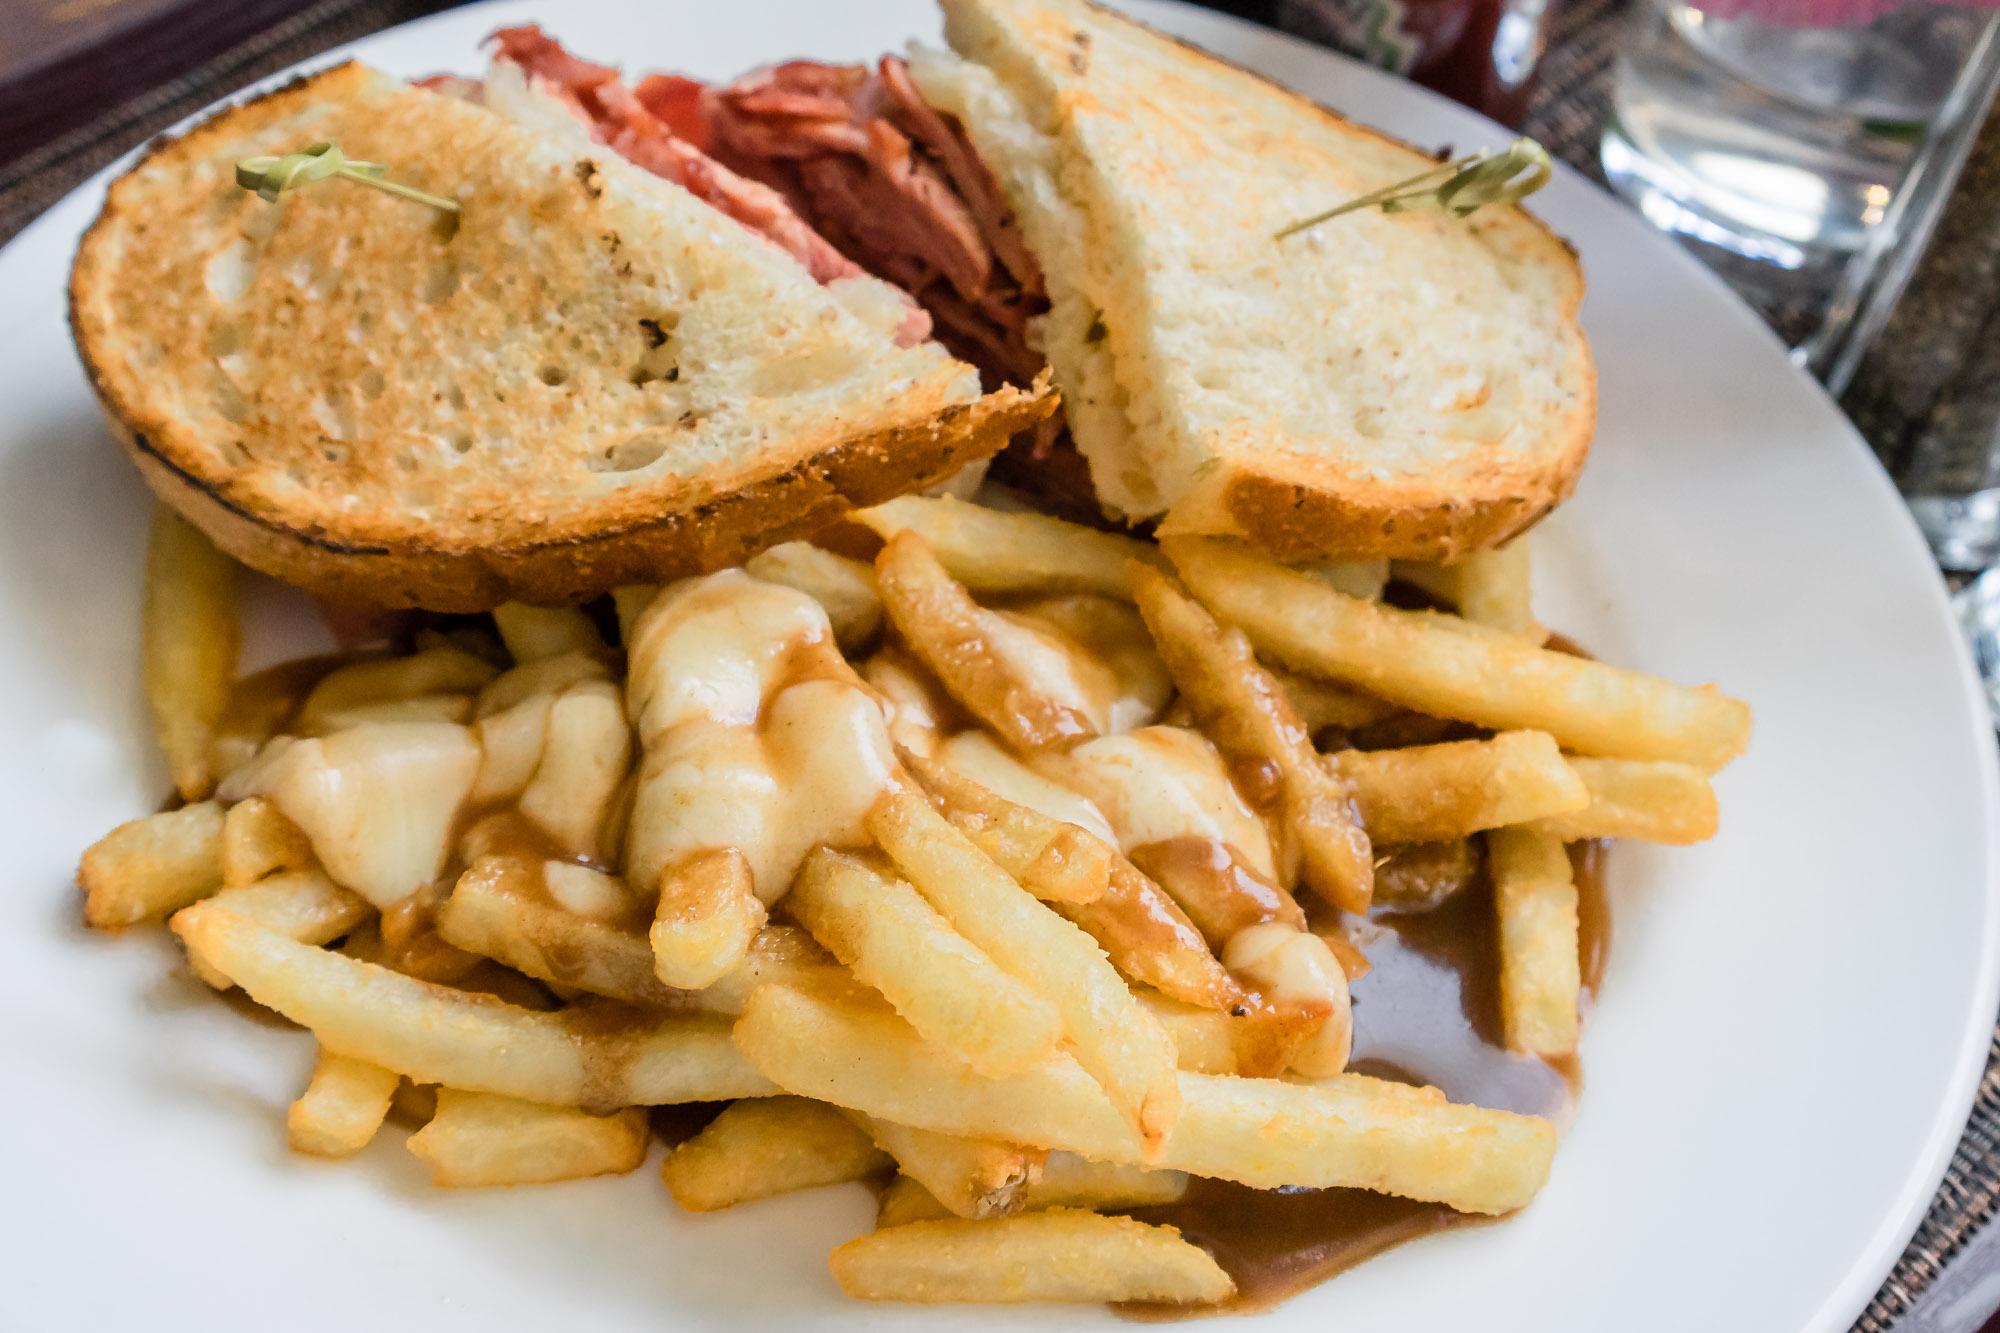 Monday dinner in Winnipeg. Reuben sandwich with poutine.